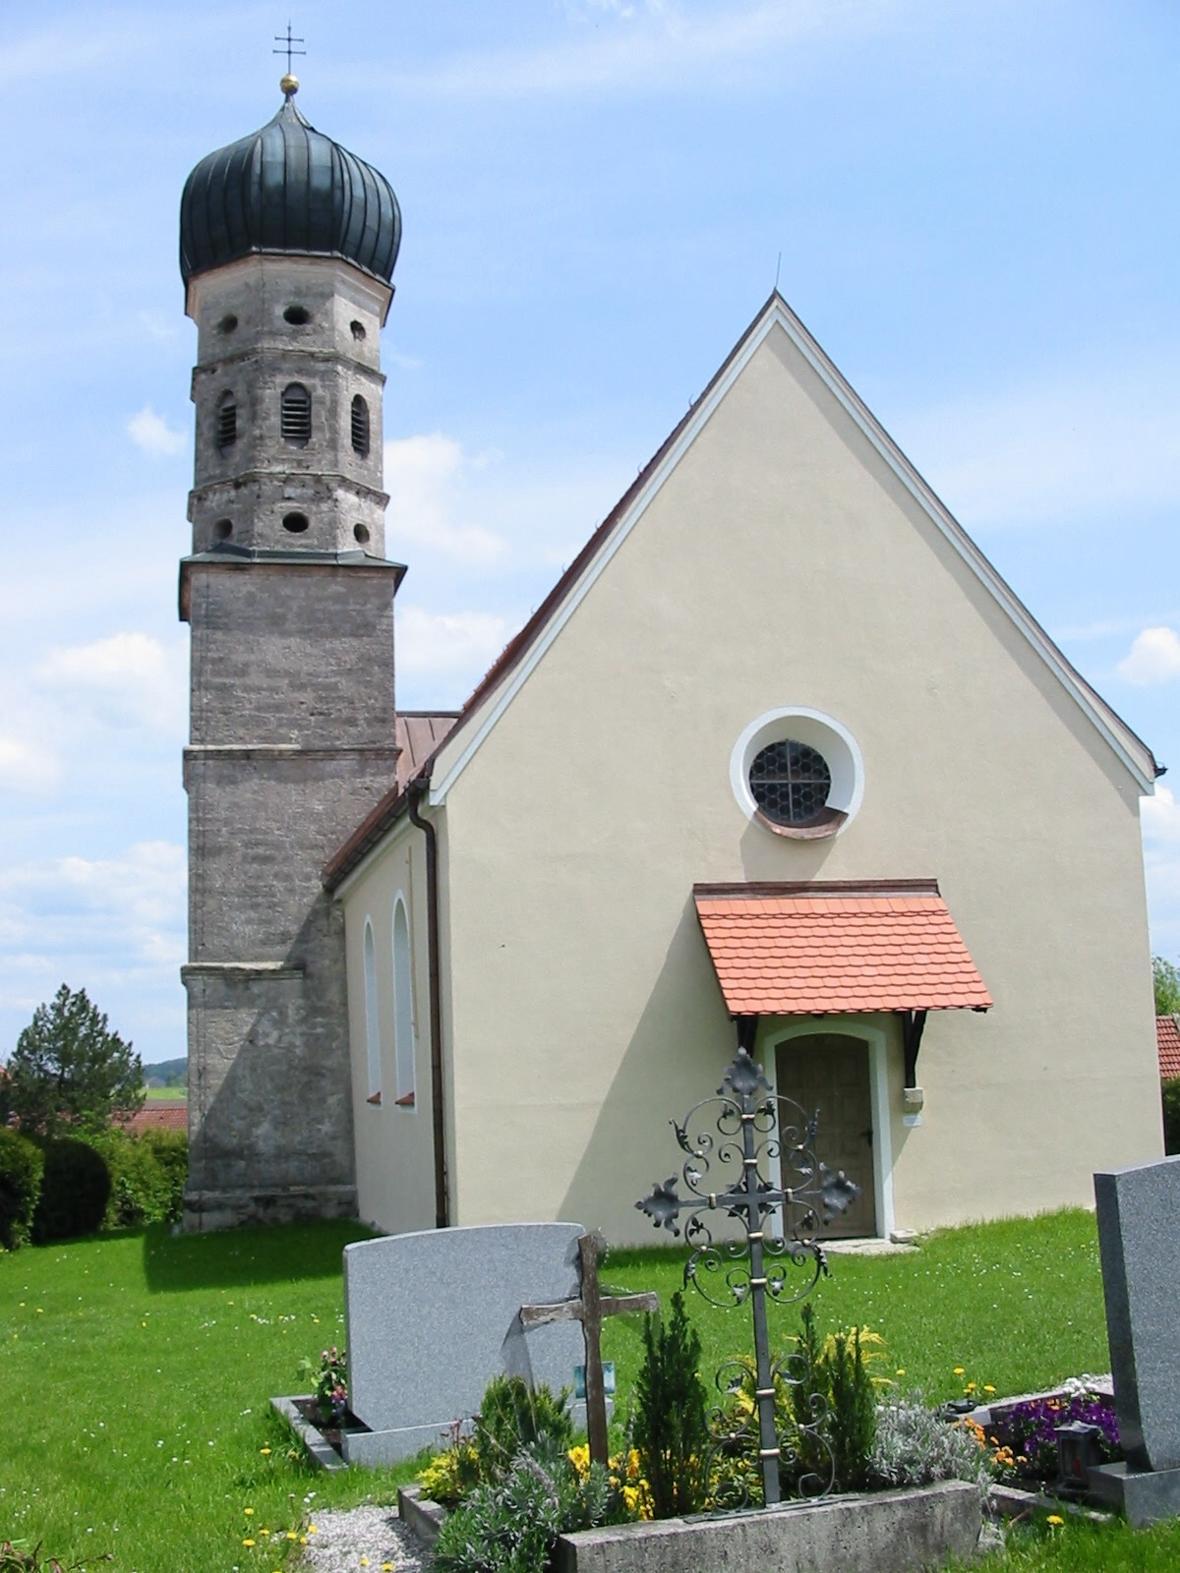 St. Vitus in Waltersberg